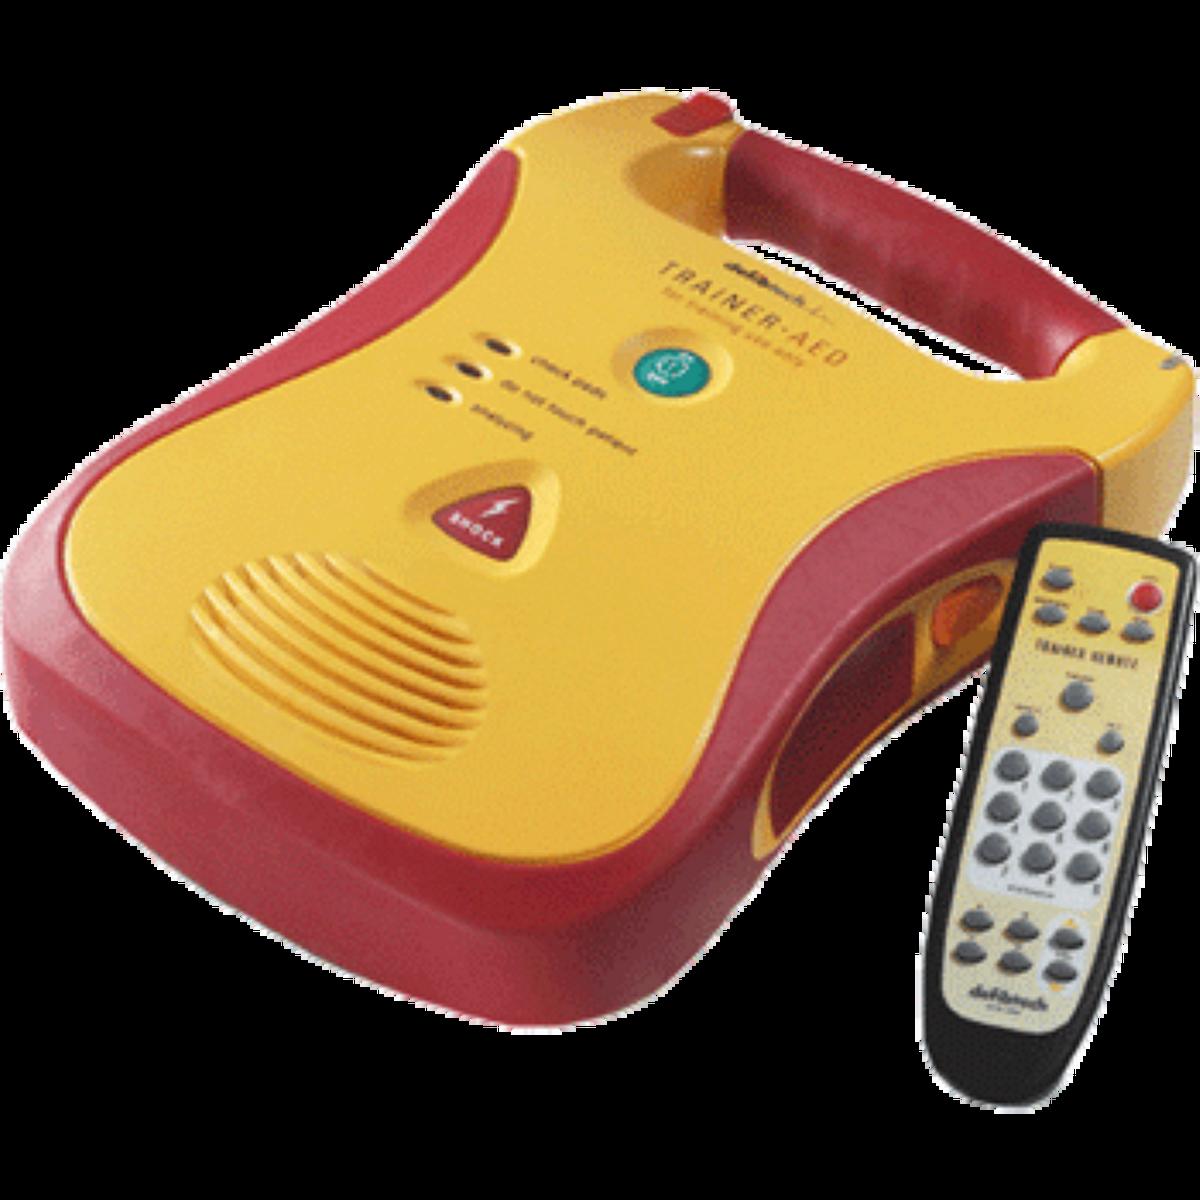 Lifeline AED treningsstarter - Engelsk 2 min. AHA